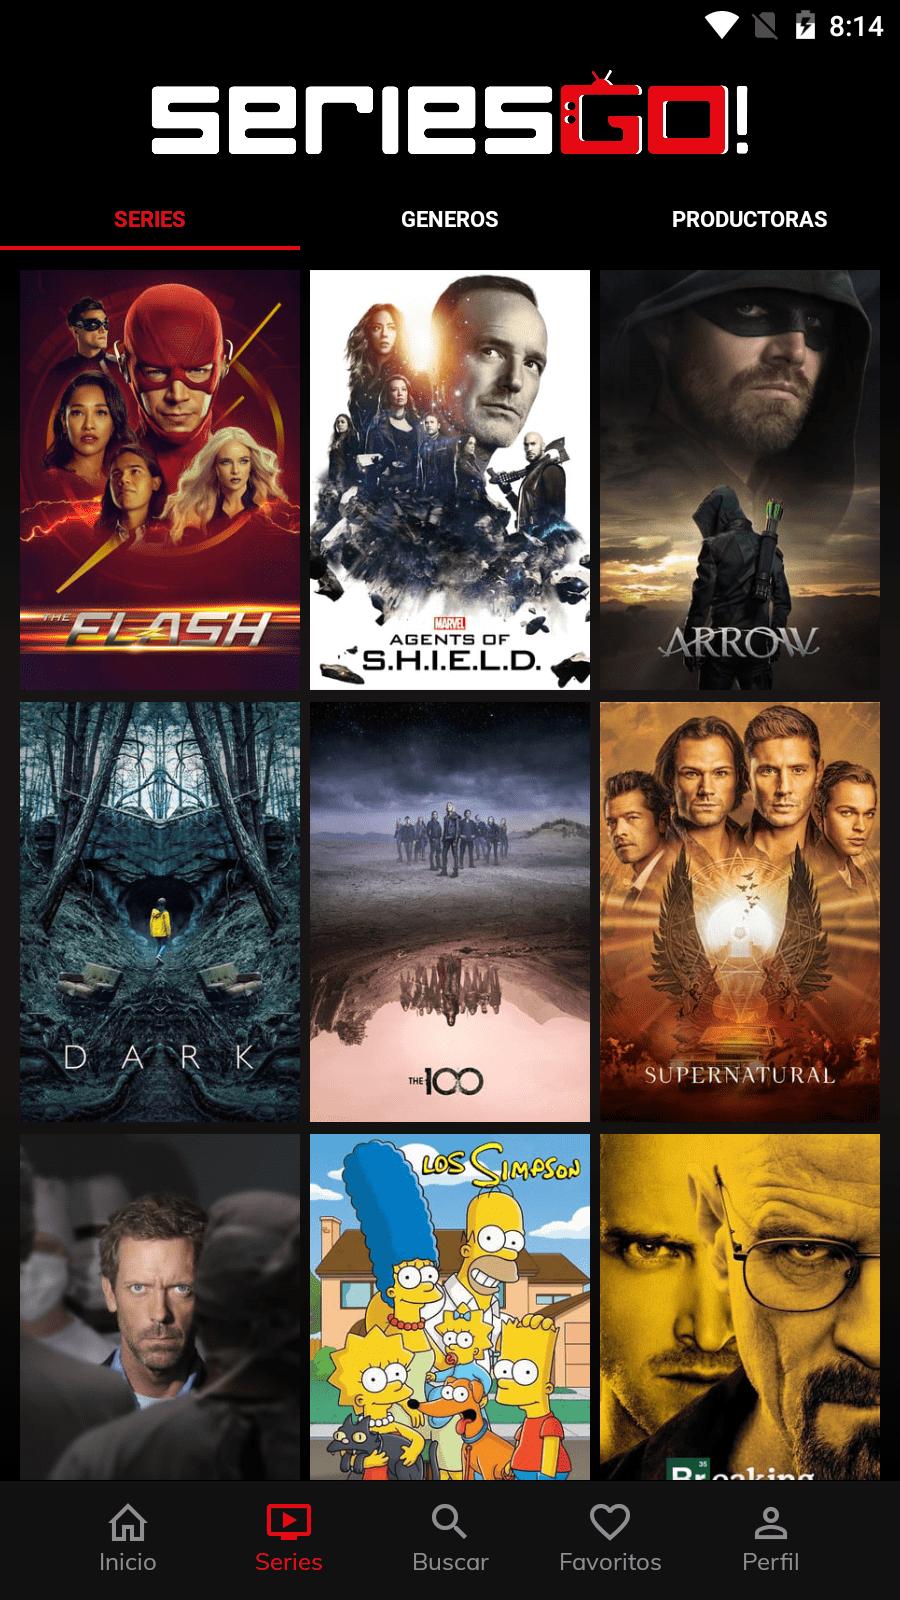 Lista de series en SeriesGO